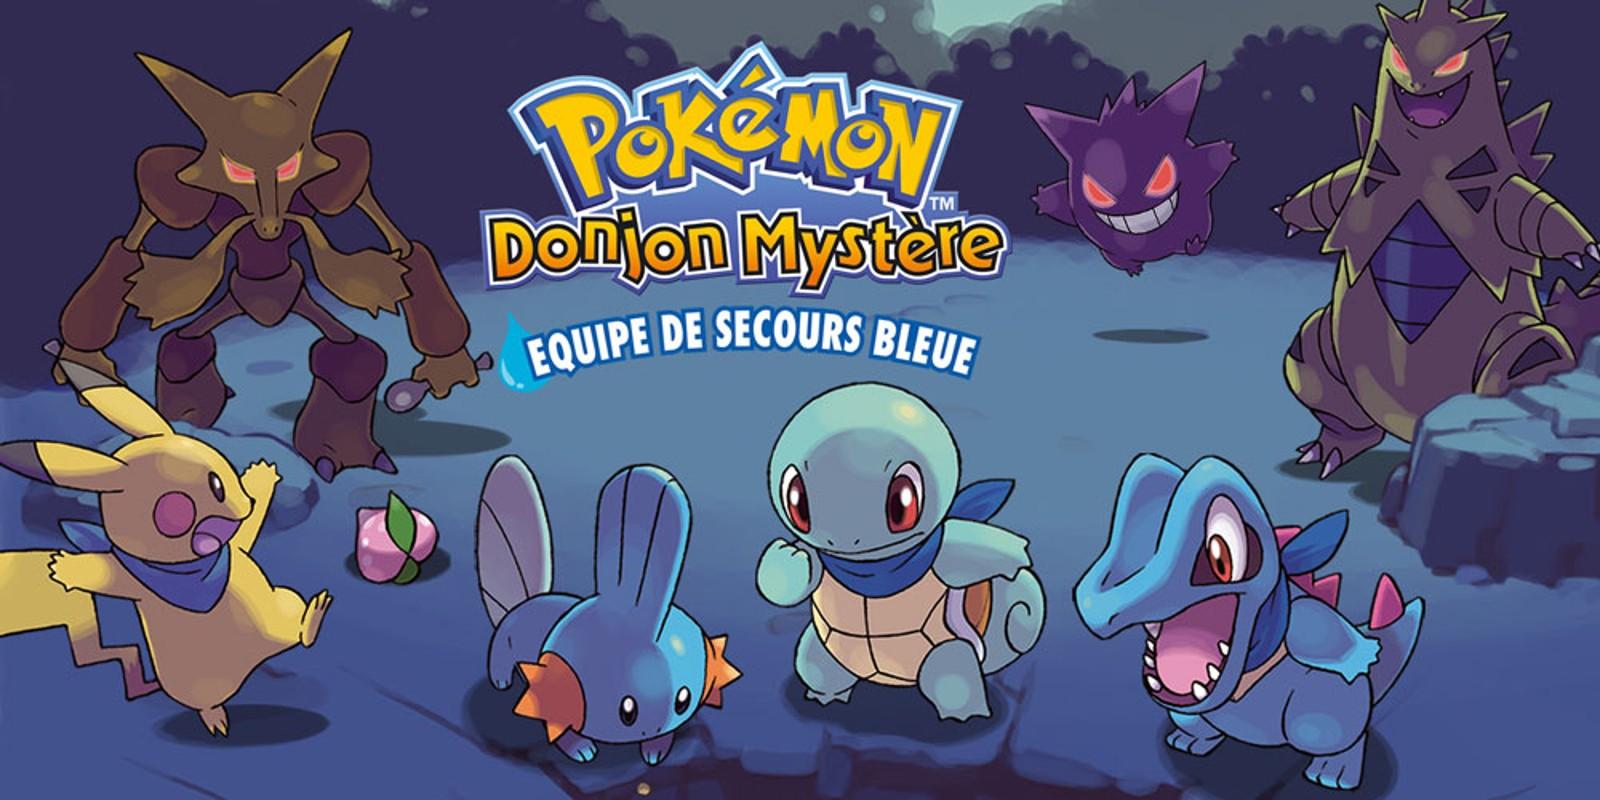 rom pokemon donjon mystere equipe de secours bleue